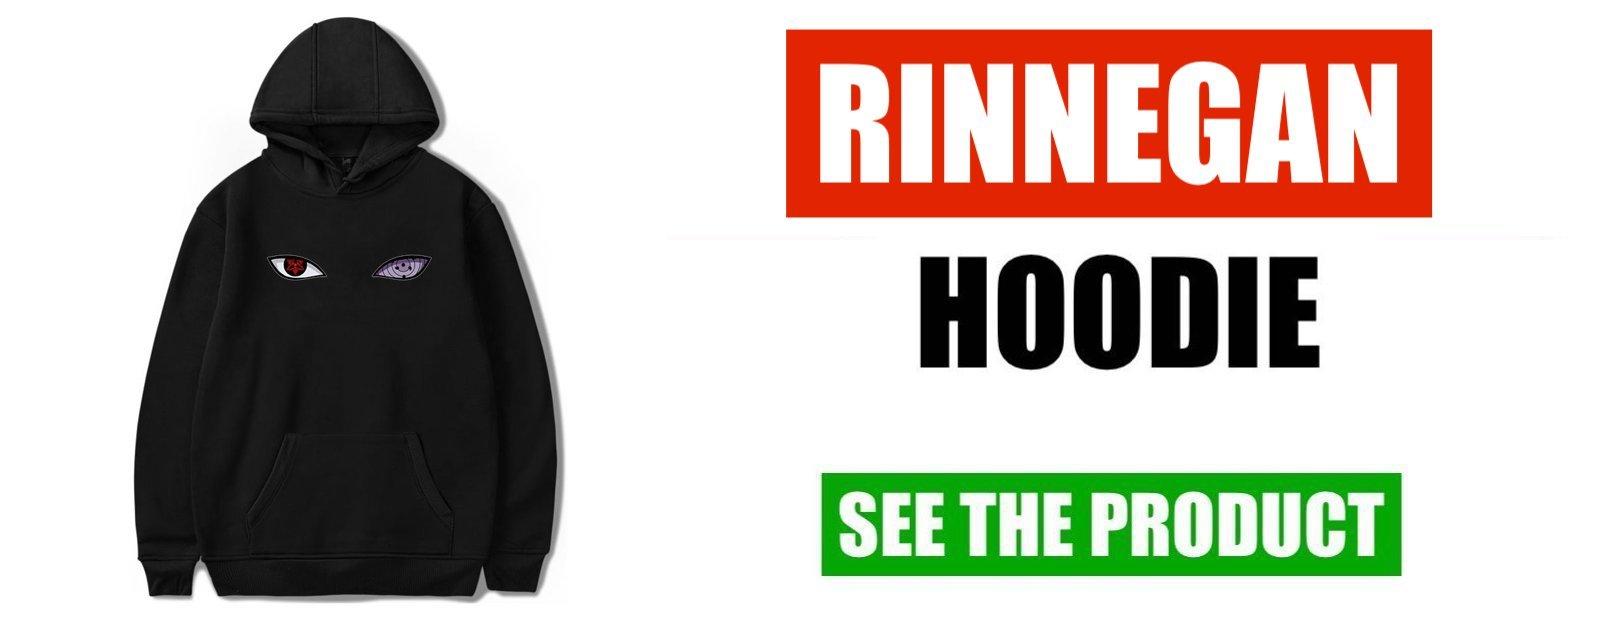 Rinnegan hoodie